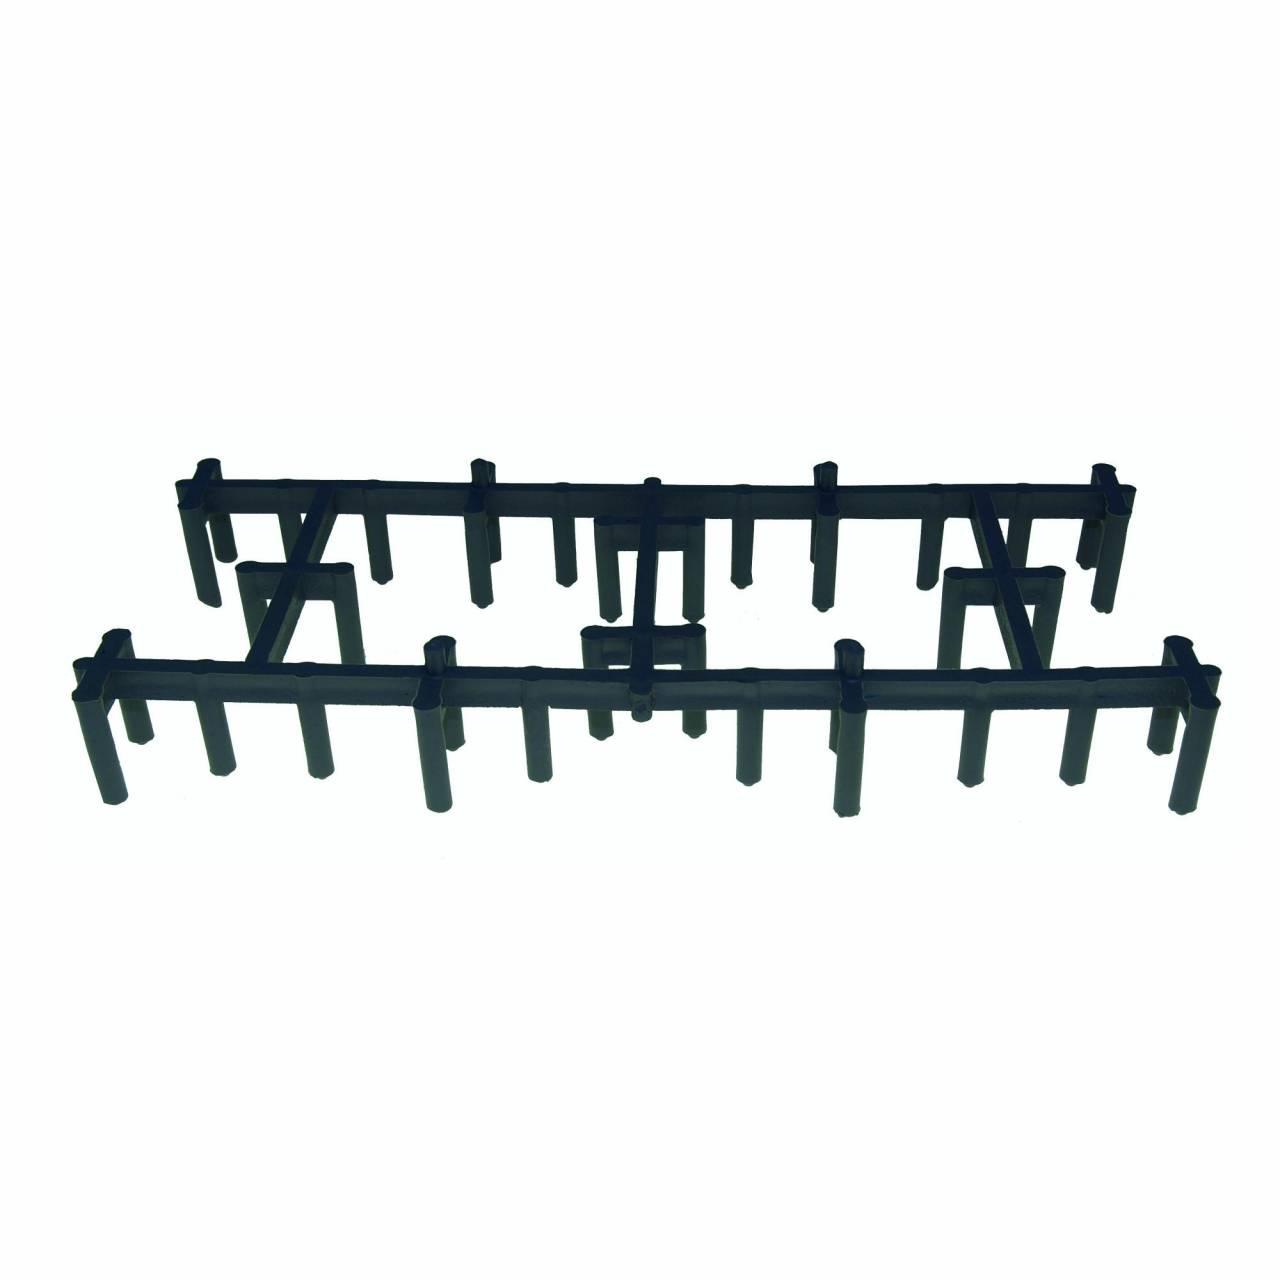 Rhombus-50 Flächen-Armierungsabstandhalter / Sack a 150 Stück